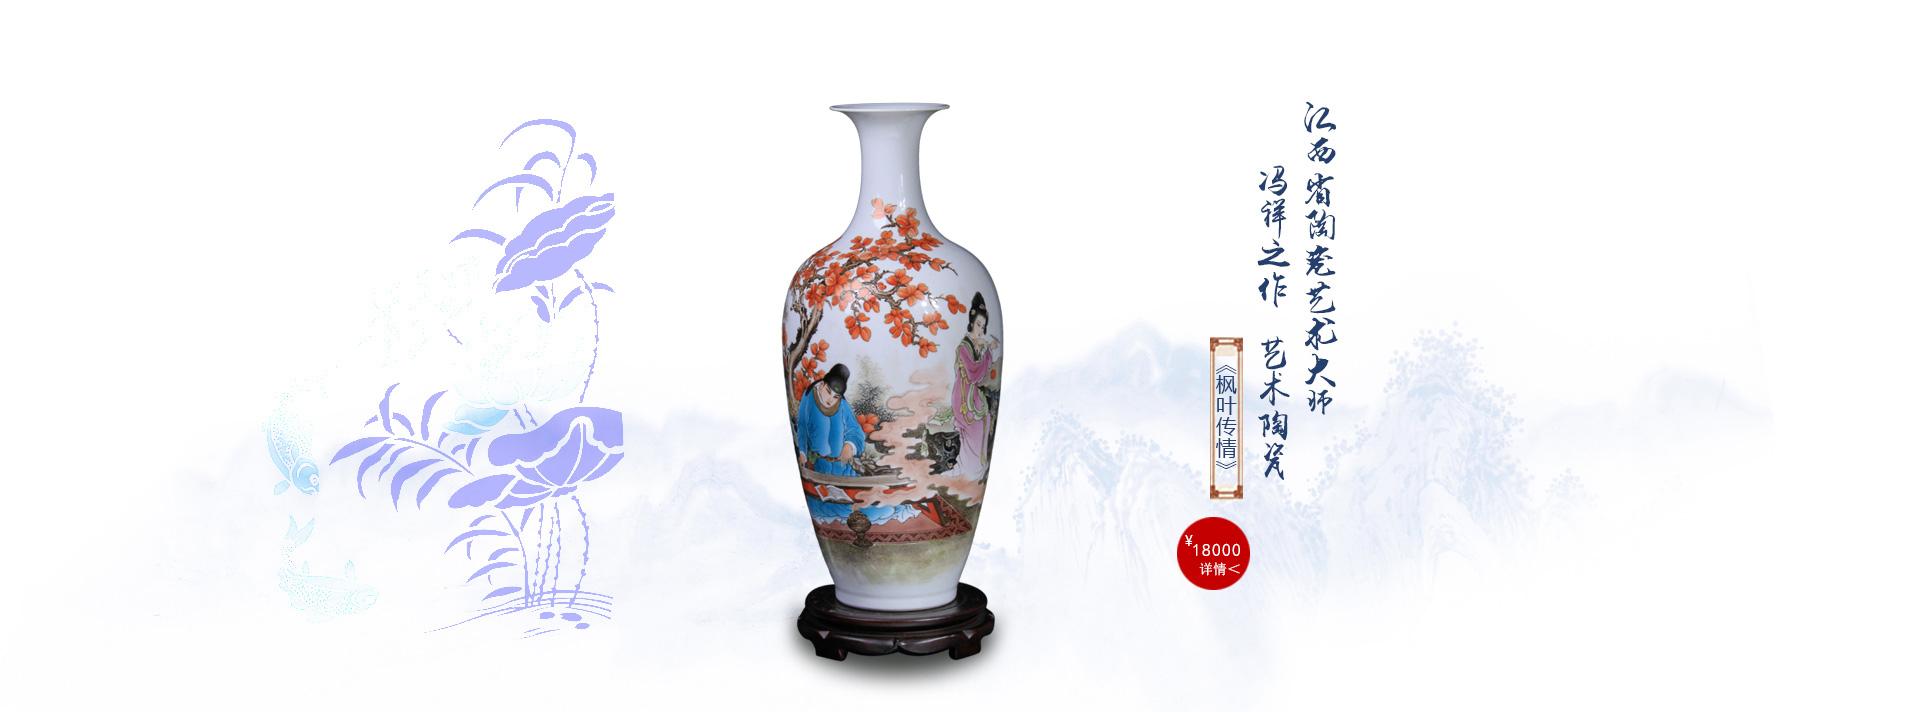 枫叶传情 艺术品 爱特猫